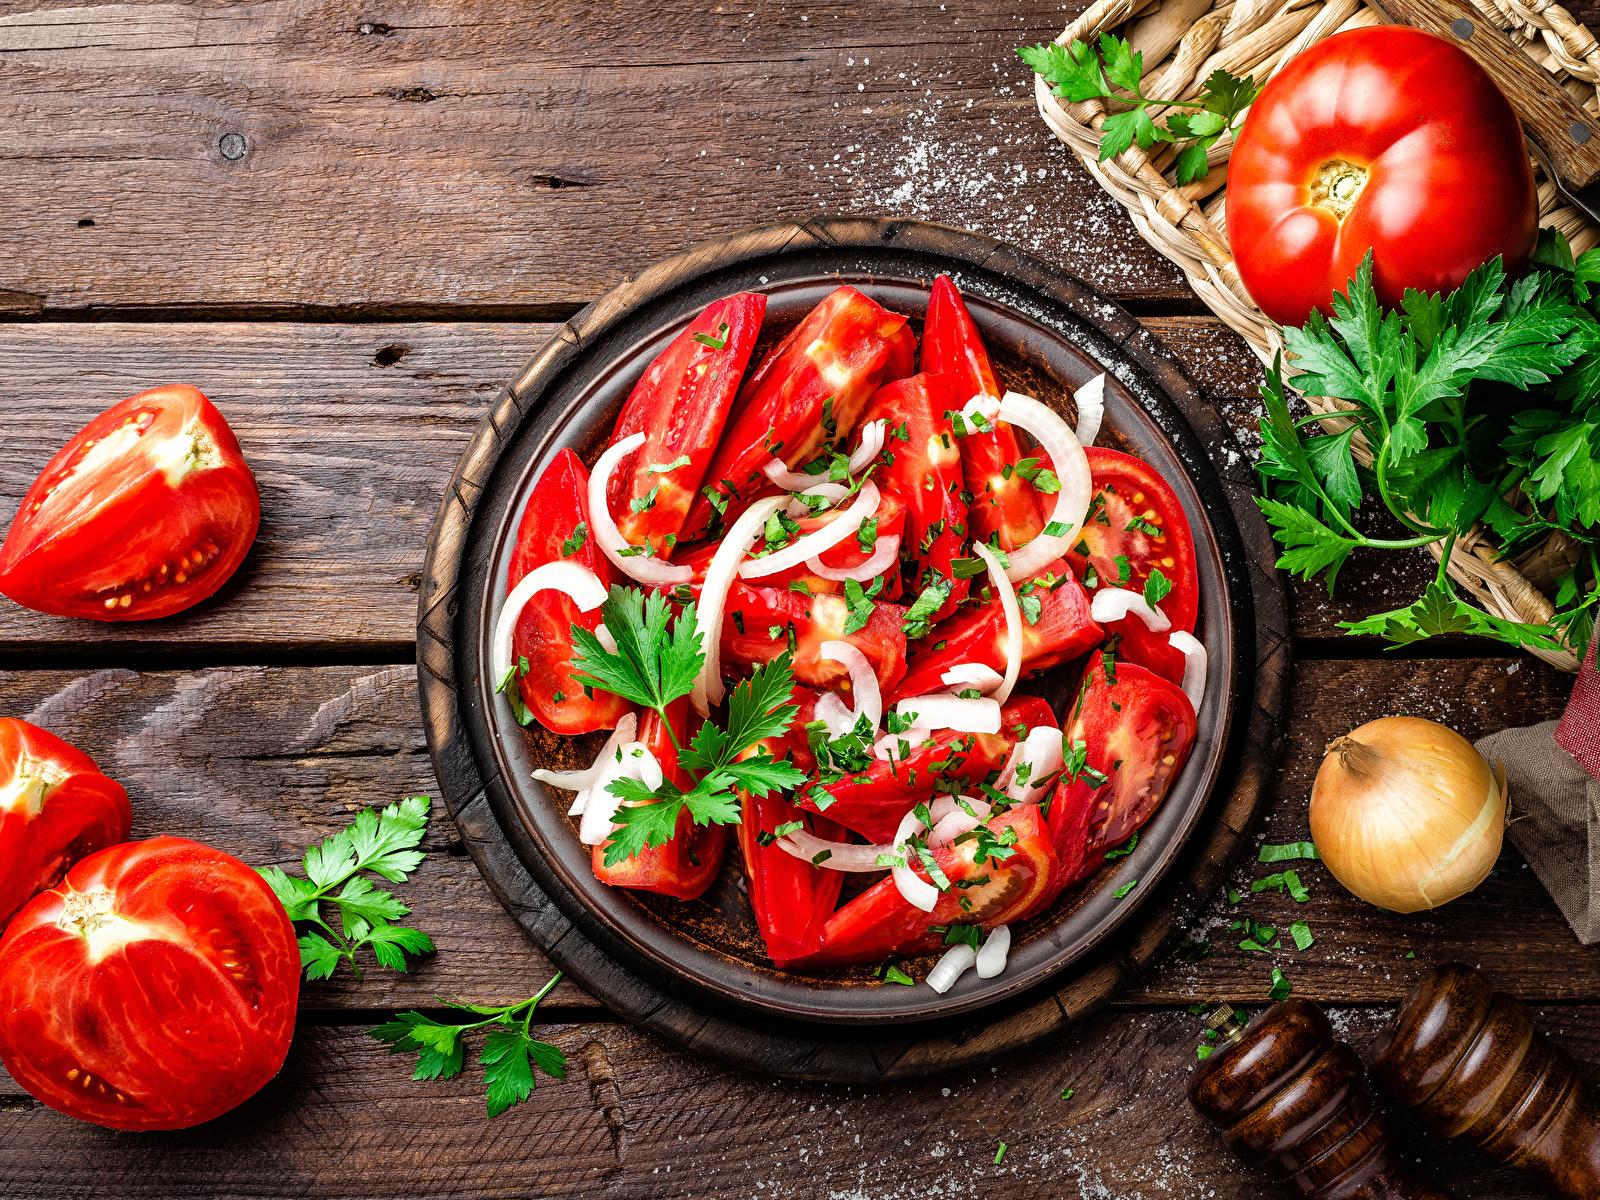 1600x1200、サラダ、野菜、トマト、木の板、食べ物、食品、